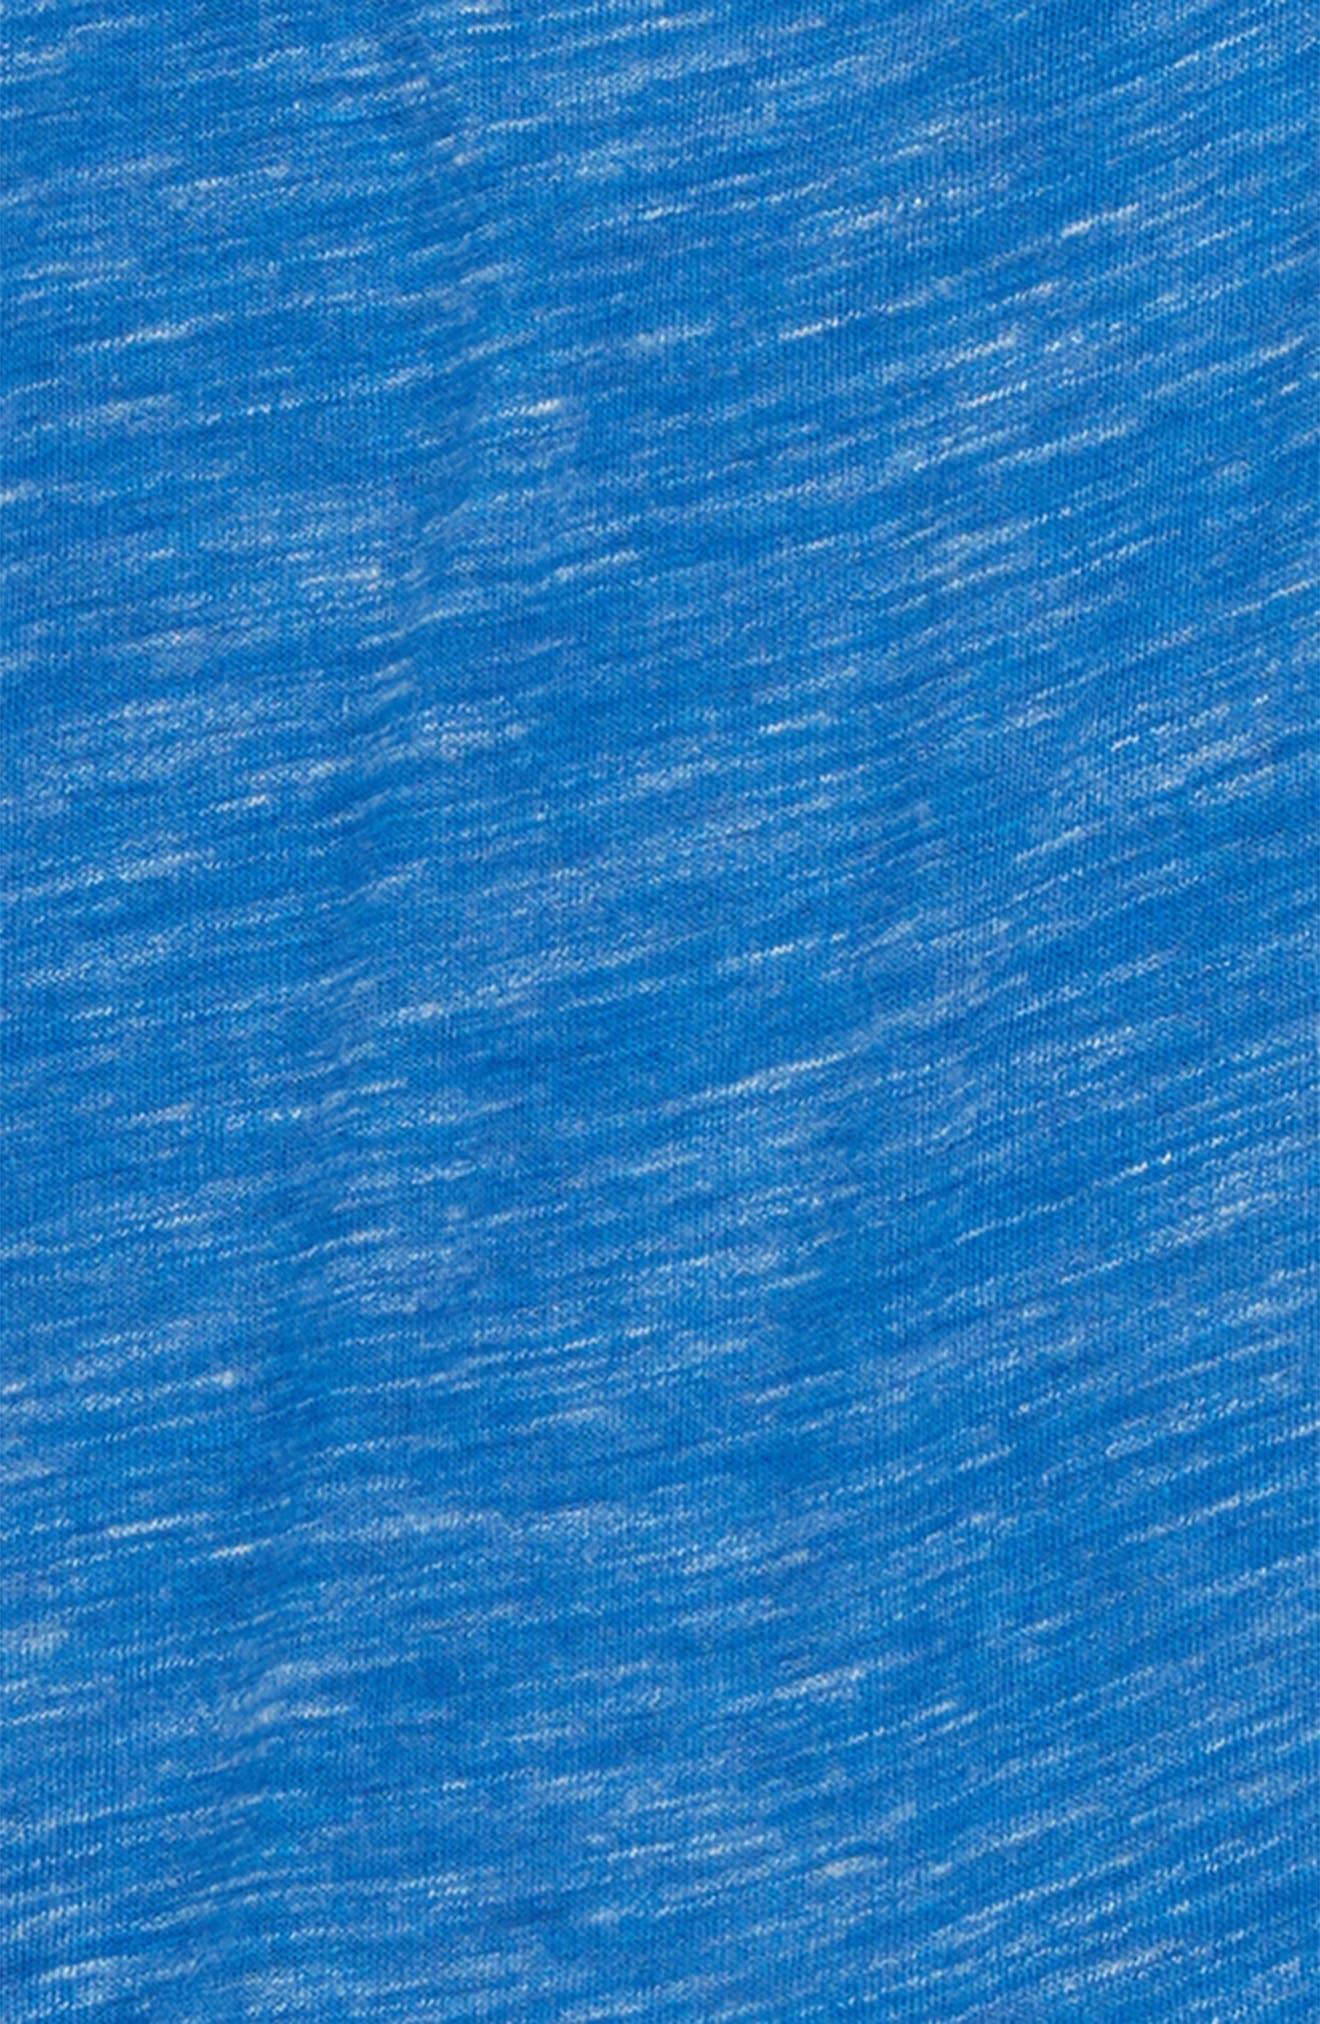 Tie Sleeve Peplum Tee,                             Alternate thumbnail 2, color,                             Blue Monaco Heather